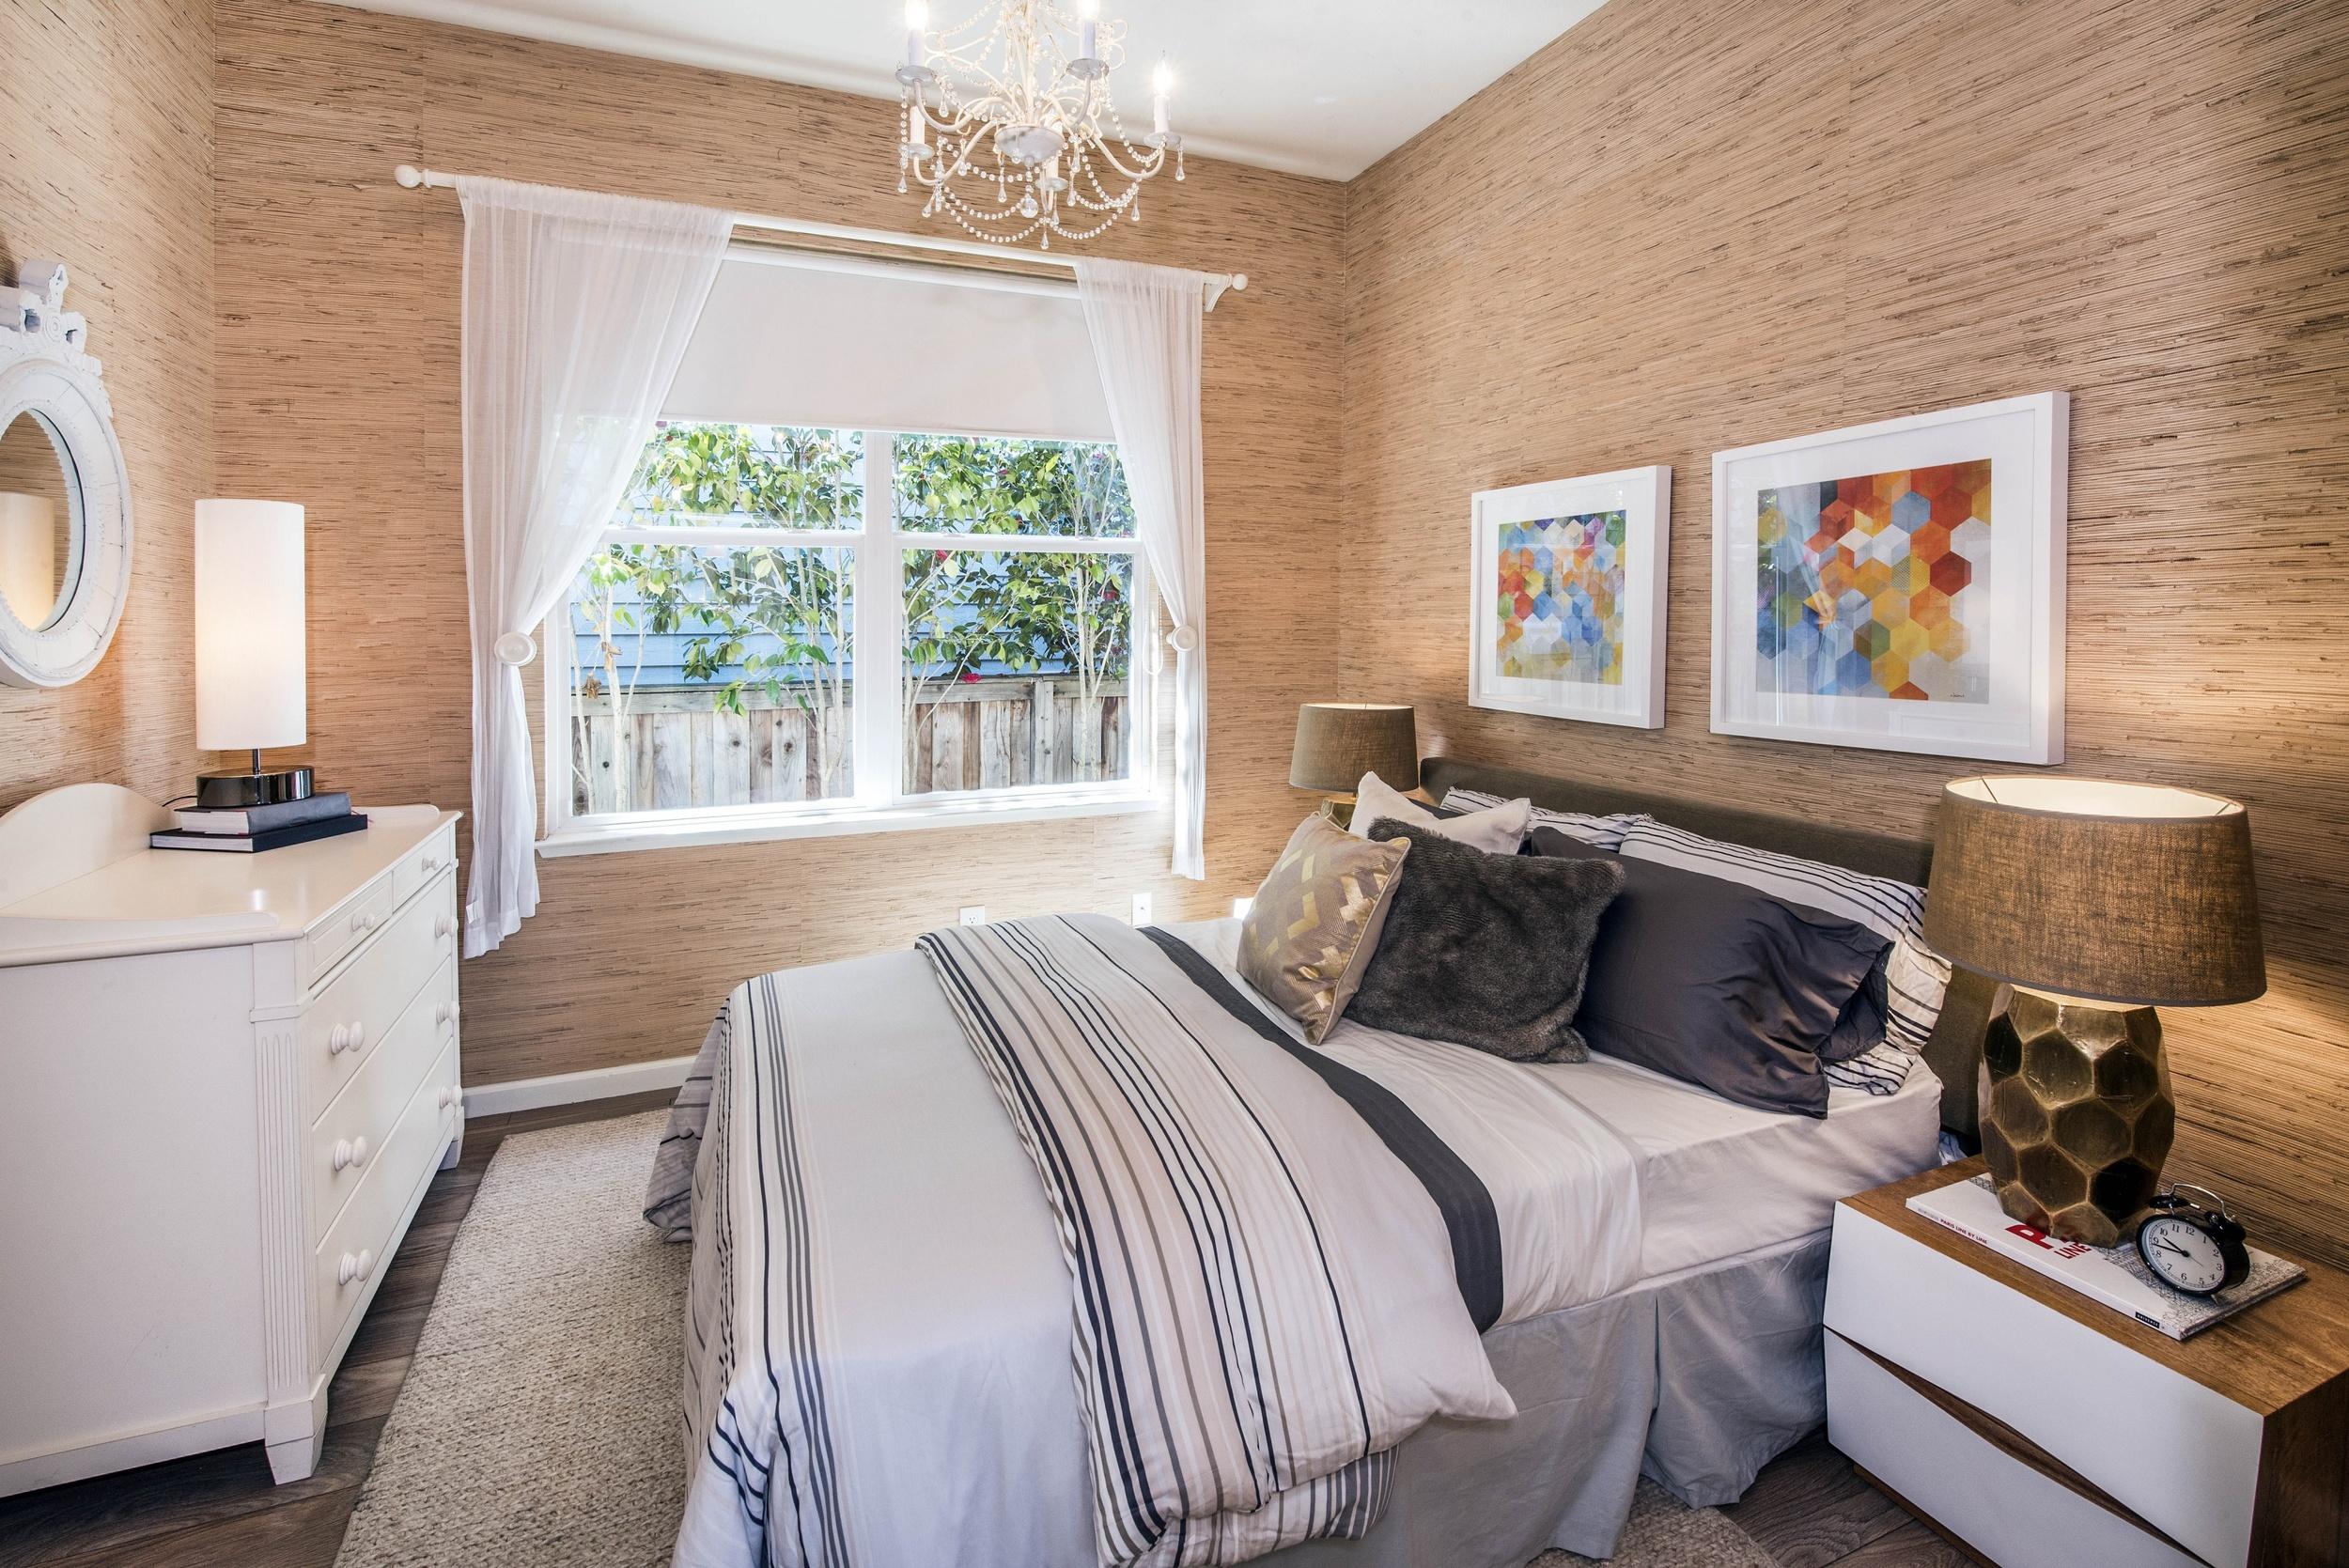 Bedroom DSC_6499.jpg